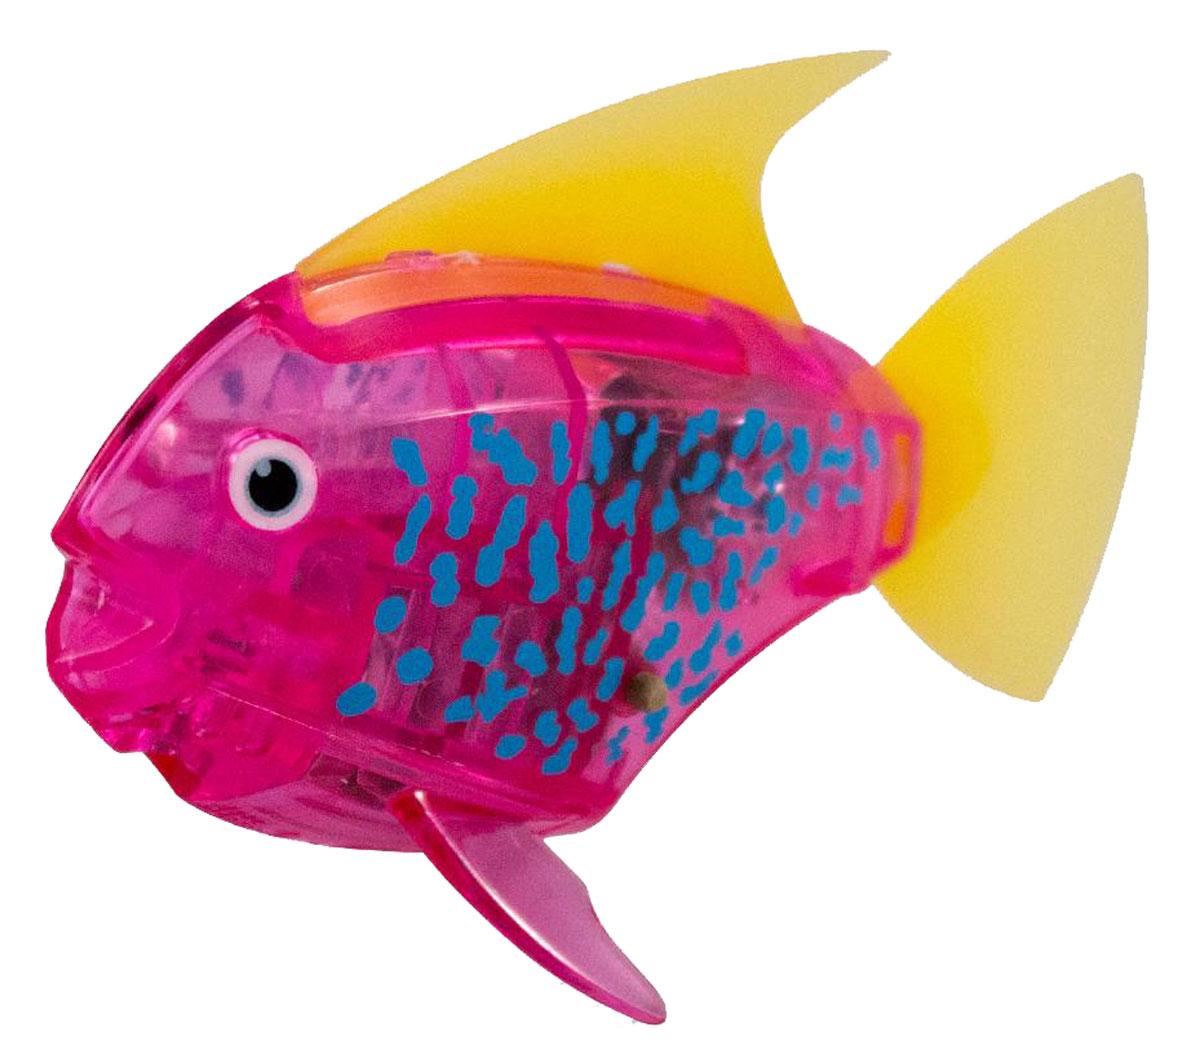 Hexbug Микро-робот Deco цвет розовый460-3591_3Hexbug Aquabot 2.0 Deco - робот микро-рыбка Angelfish с дополнительным окрасом, который оживляет ее внешний вид, делая ее похожей на настоящую экзотическую рыбку. Для микрорыбки не требуется особый уход. Все что нужно — это емкость и вода. Попадая в жидкость, рыбка, почувствовав комфортную для себя среду, начнет шевелить плавничками и хвостом, плавая на поверхности и исследуя окружающее водное пространство, или быстро погружаясь вглубь. Спустя 5 минут непрерывных движений рыбка заснет. Постучав по стенкам аквариума, ее можно разбудить и продолжить игру. В один аквариум можно поместить несколько рыбок, вместе им будет веселее. Кстати за микрорыбкой можно наблюдать не только днем, но и ночью, ведь она светится в темноте!